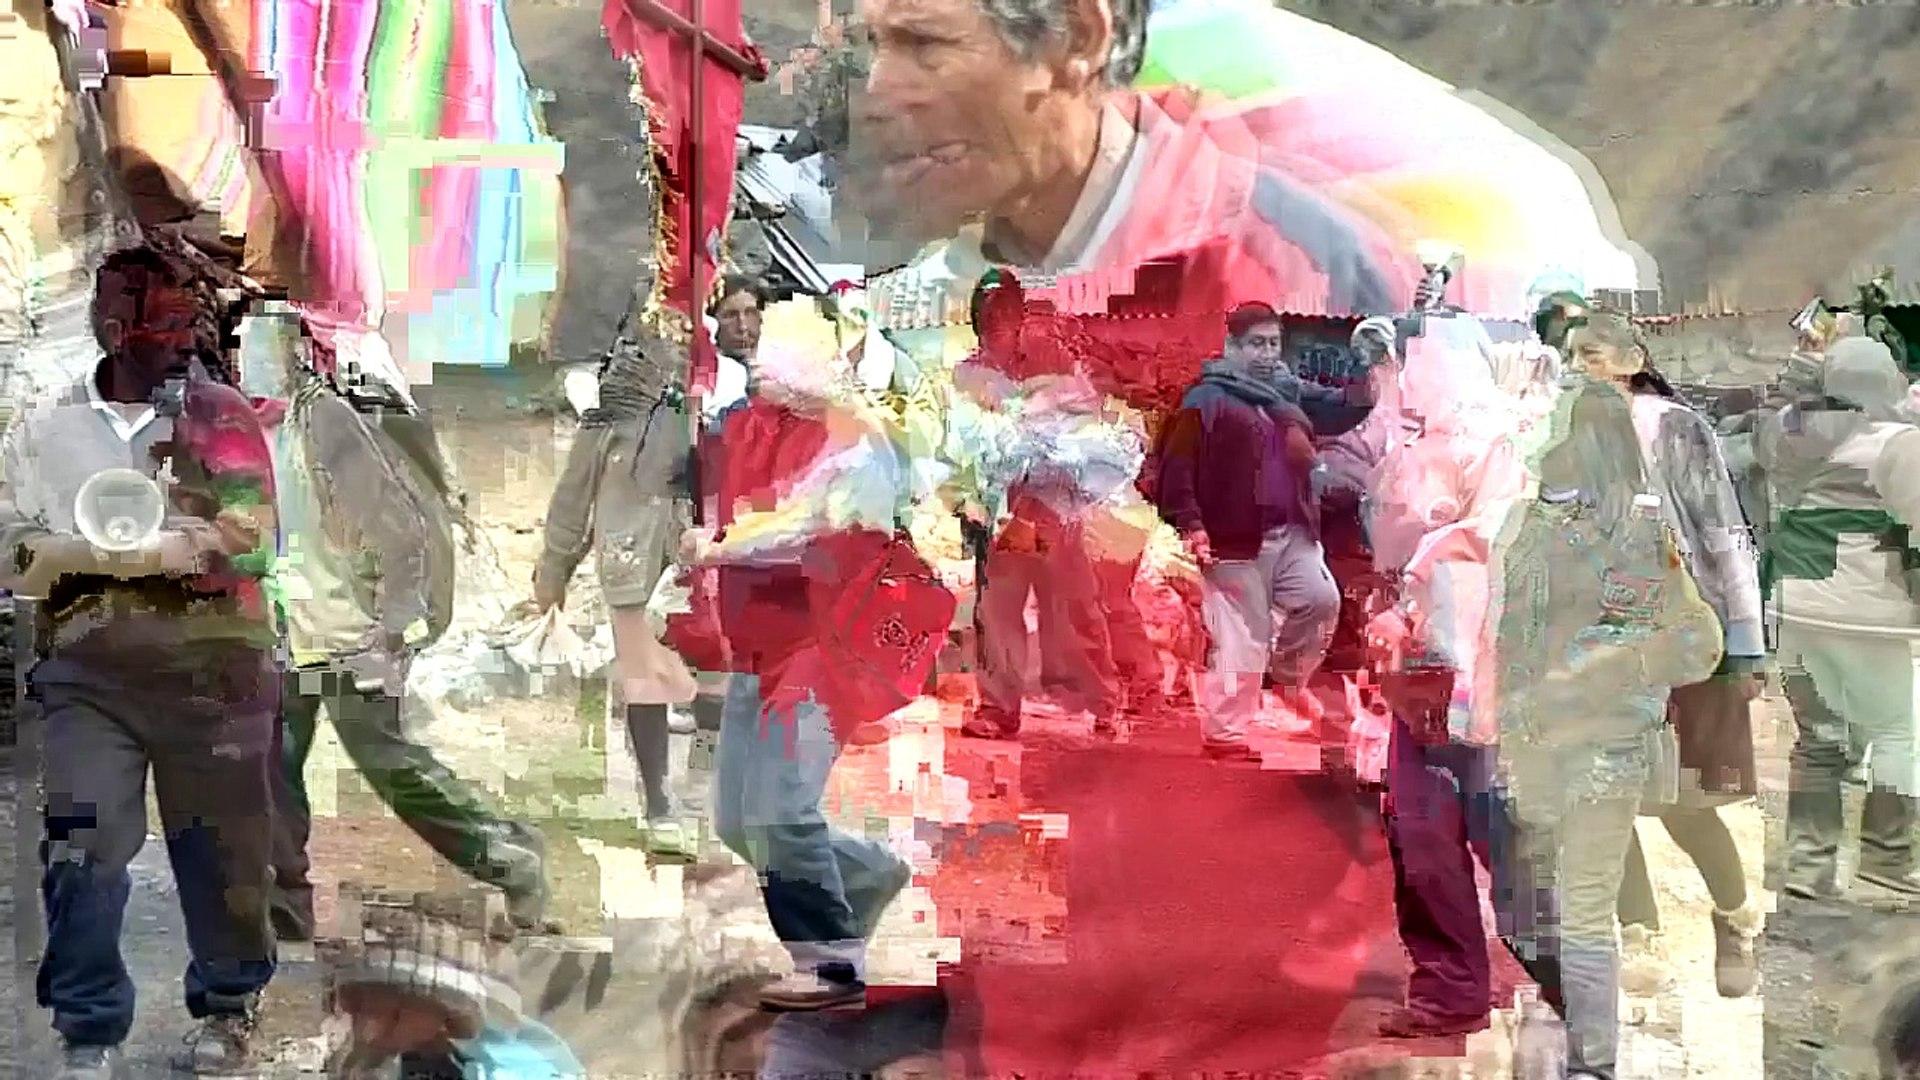 Qoyllurit - South America's largest religious festival